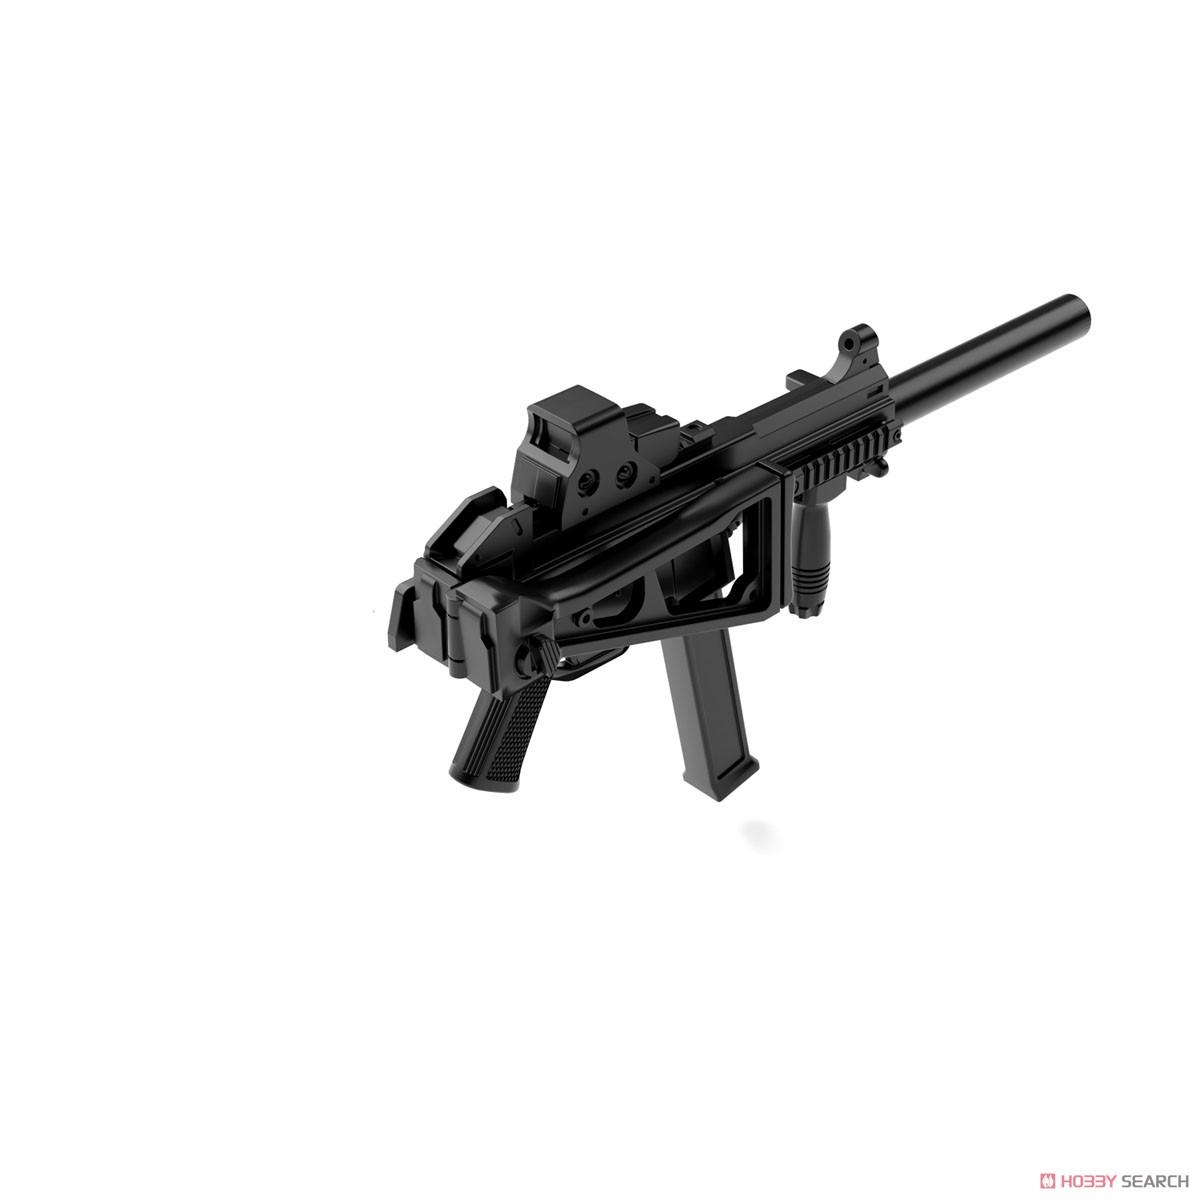 リトルアーモリー LADF02『ドールズフロントラインUMP45タイプ』1/12 プラモデル-003